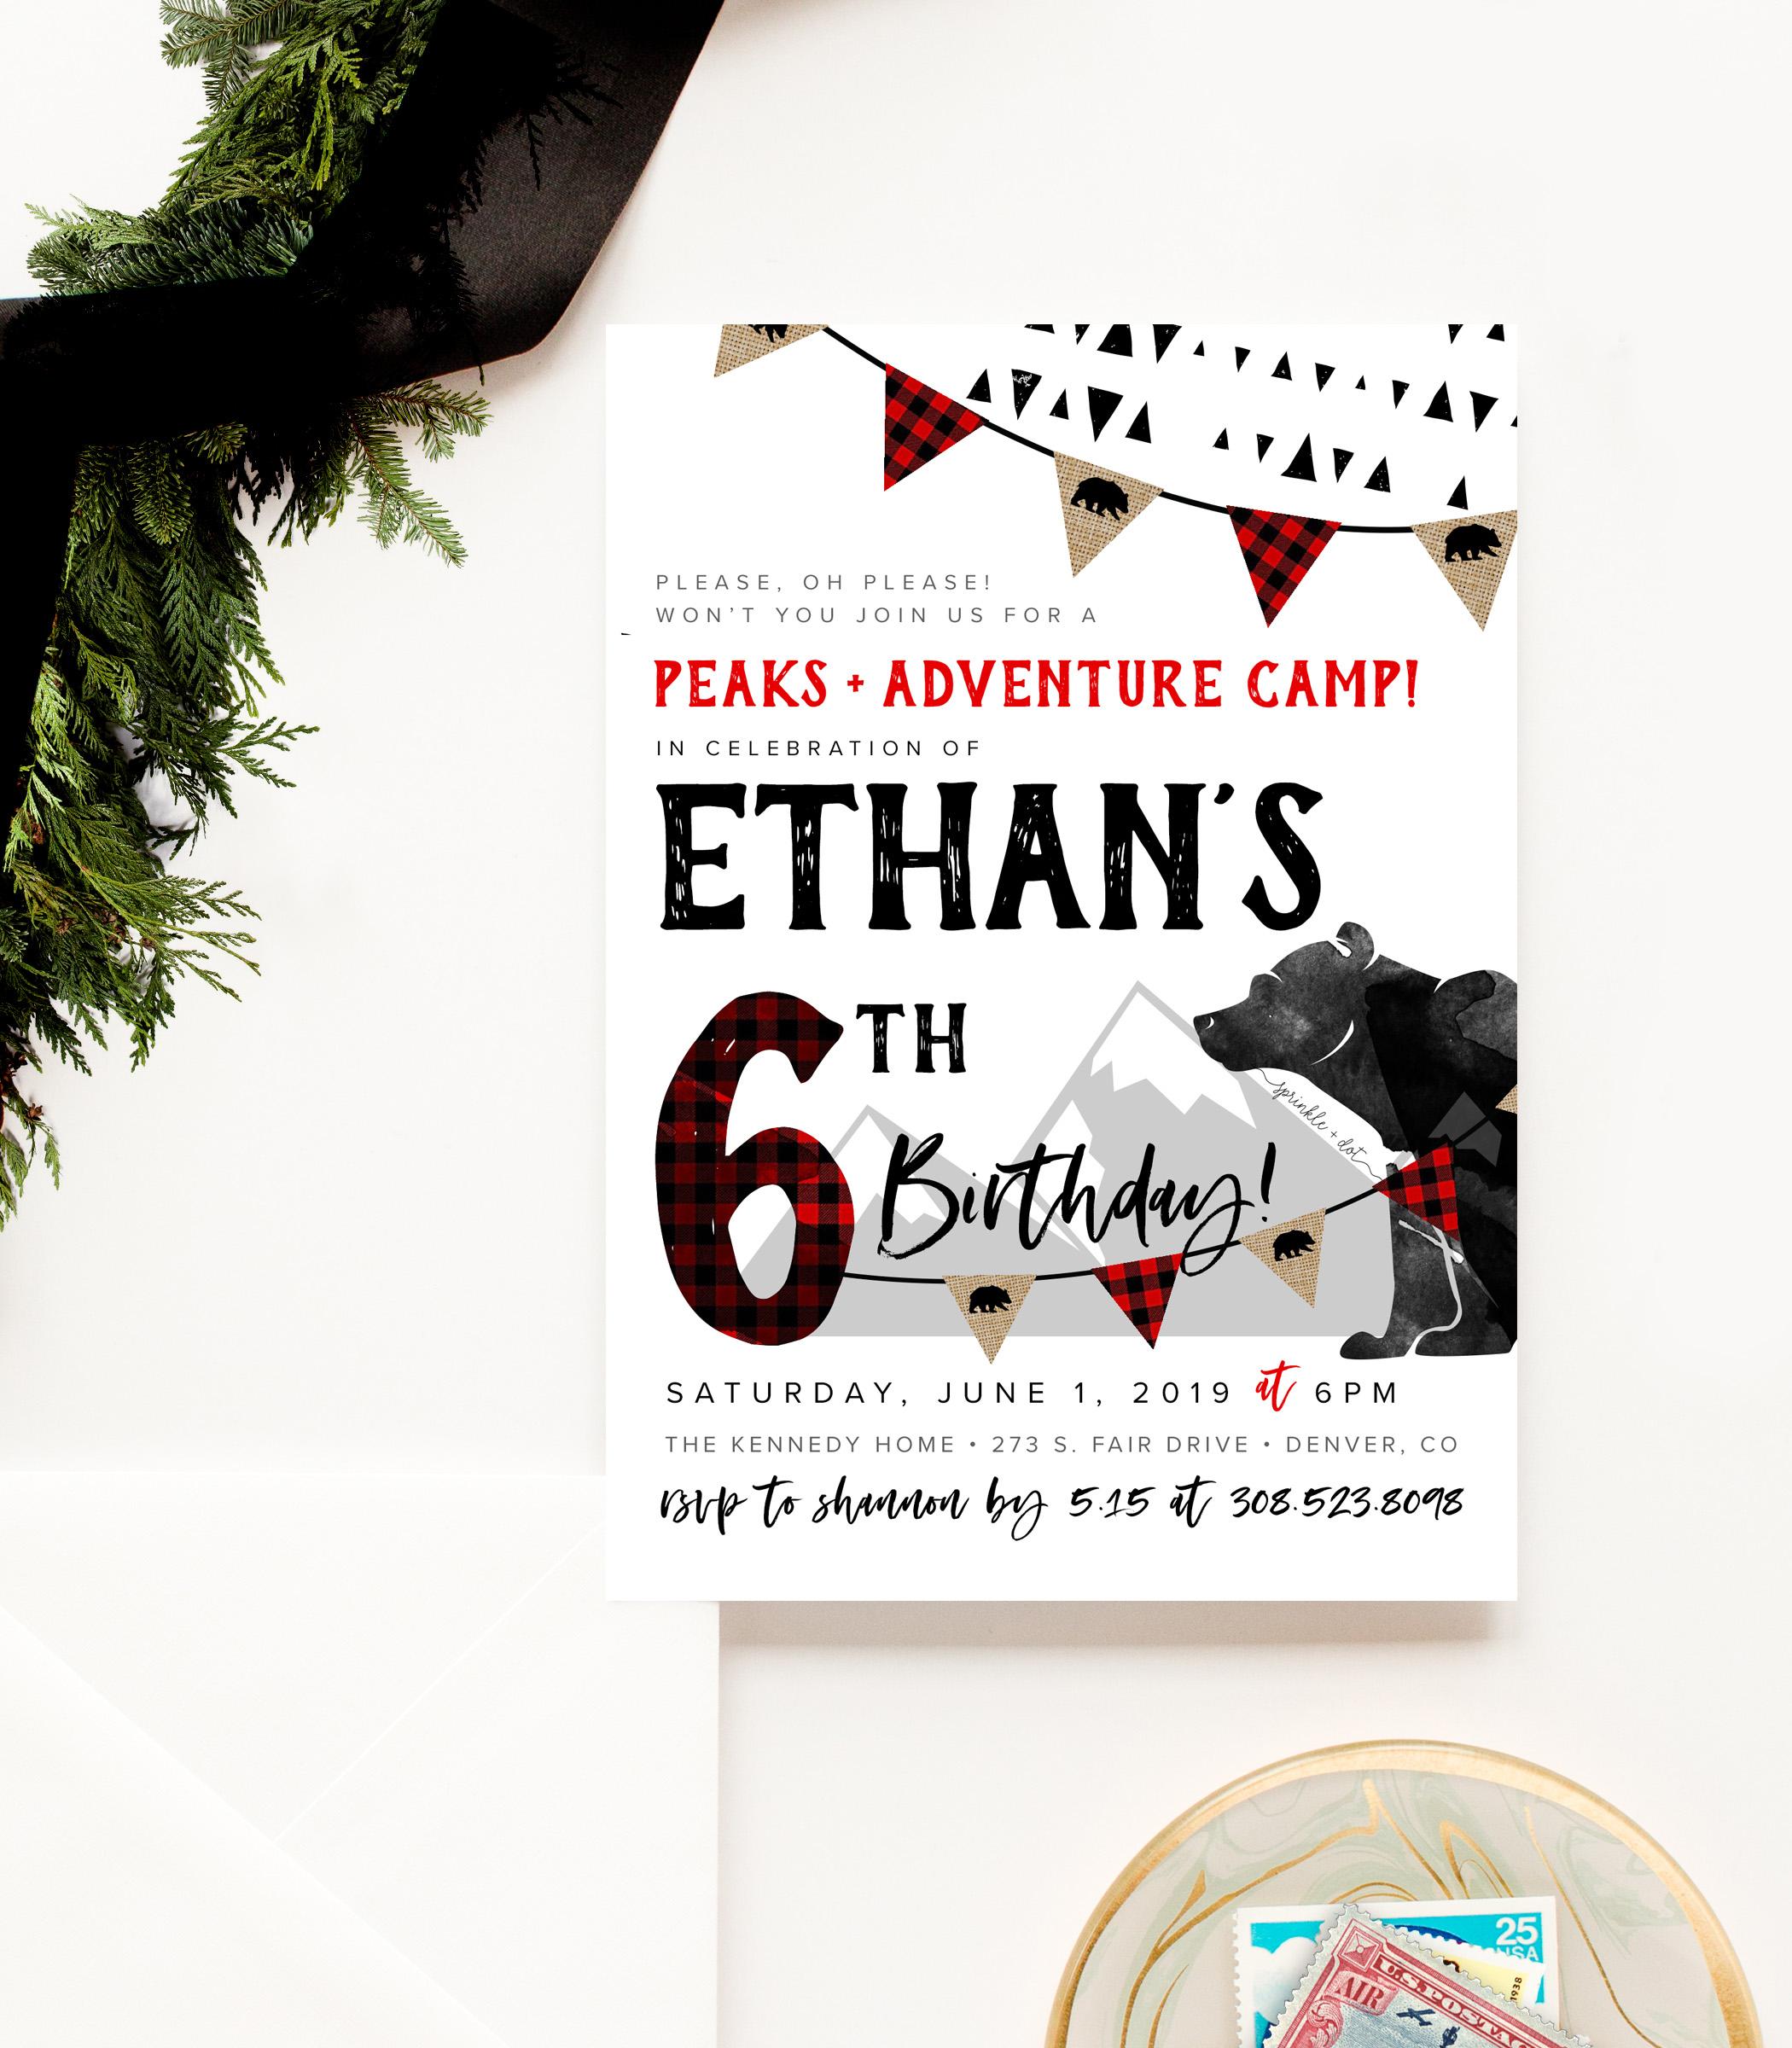 BEST VALUE: custom printed invitations + art print |  $65